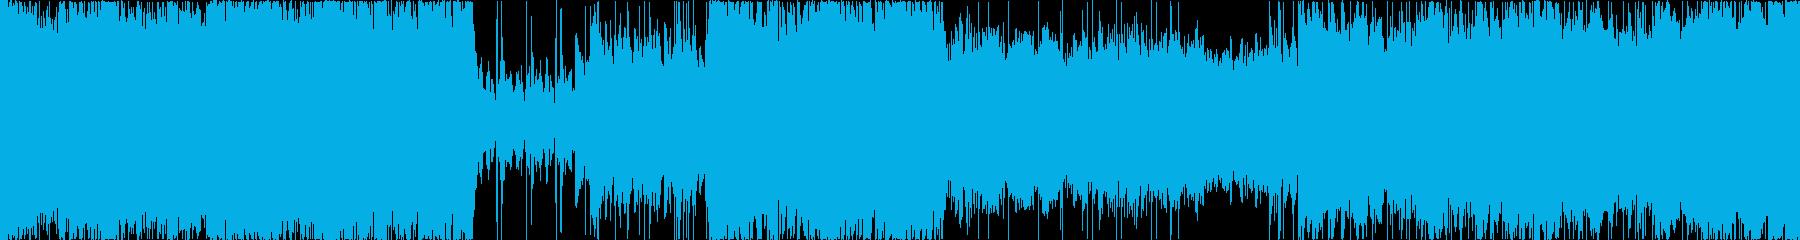 壮大なボスバトル、オーケストラ/ループ可の再生済みの波形